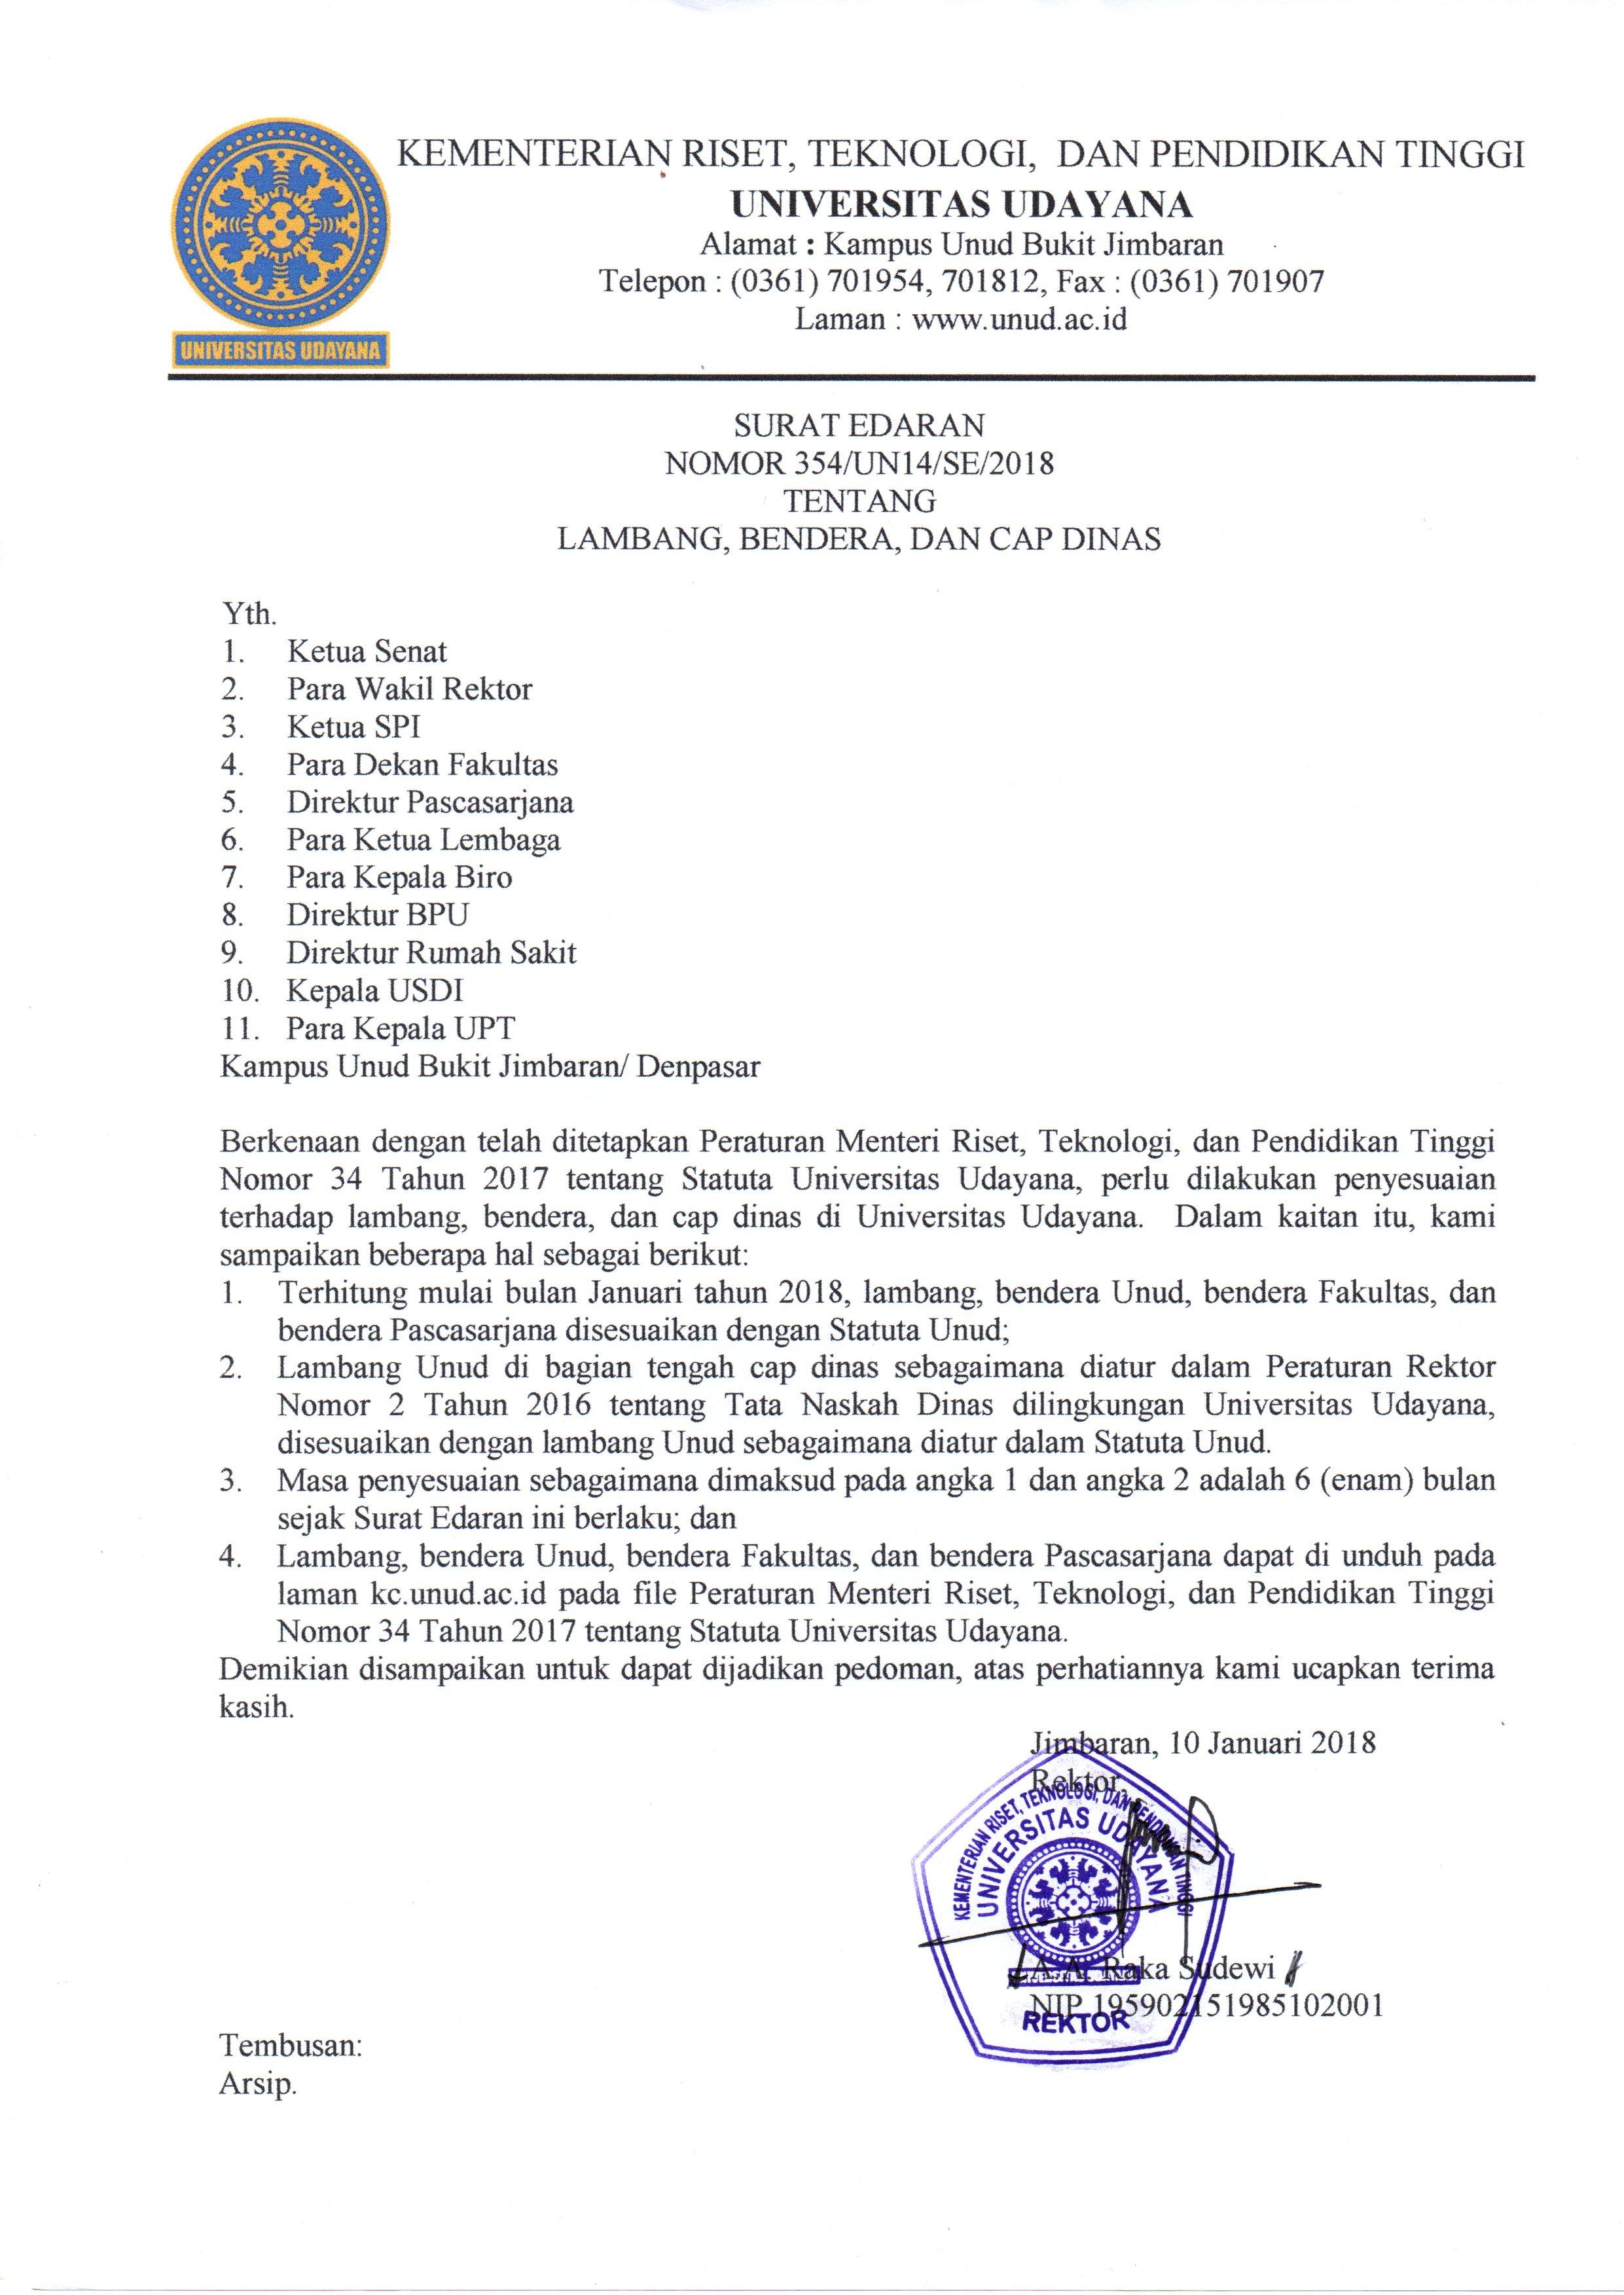 Surat Edaran Rektor Tentang Lambang Bendera Unud